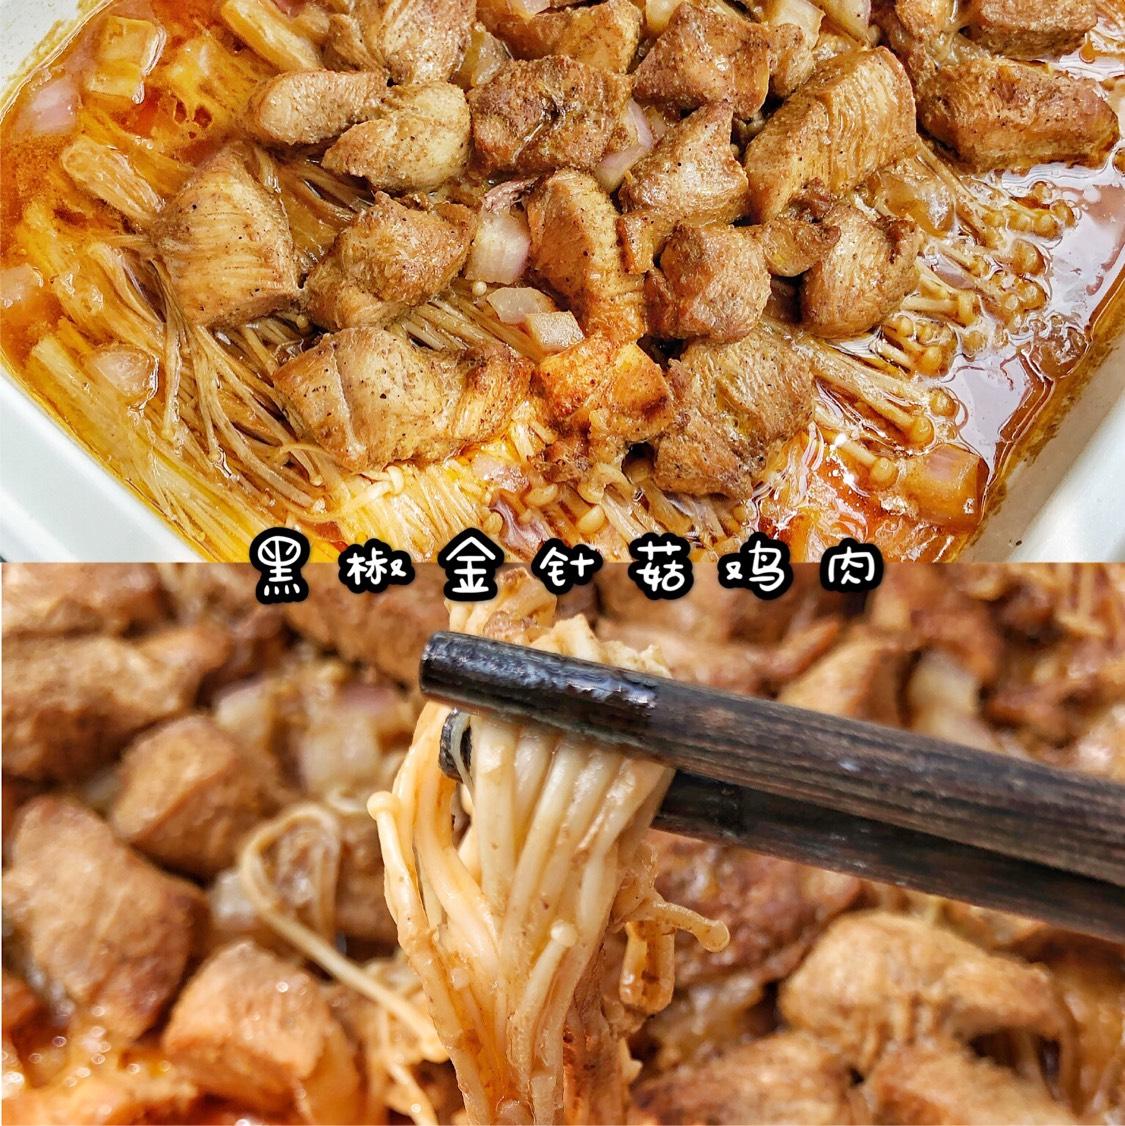 『黑胡椒金针菇鸡肉』好吃又快手的